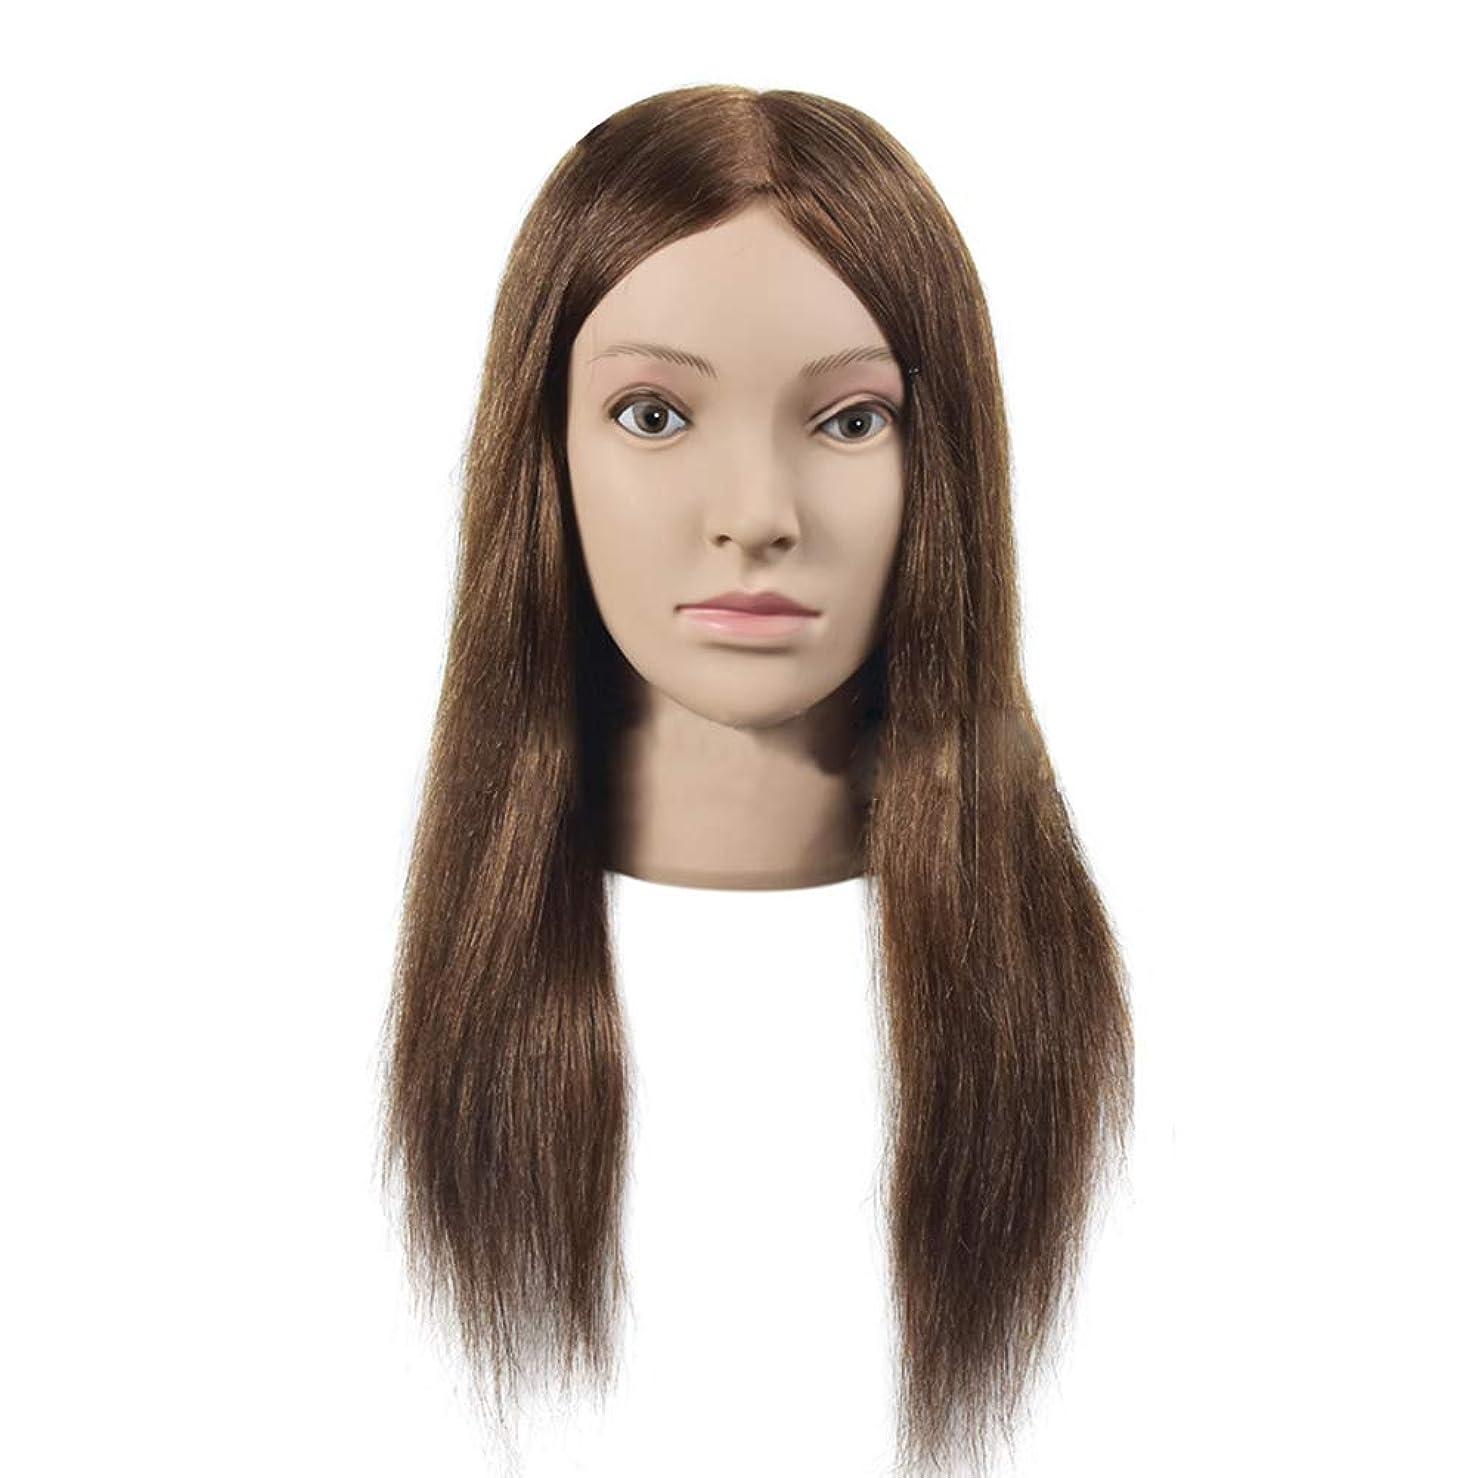 に渡って怖い無一文専門の練習ホット染色漂白はさみモデリングマネキン髪編組髪かつら女性モデルティーチングヘッド